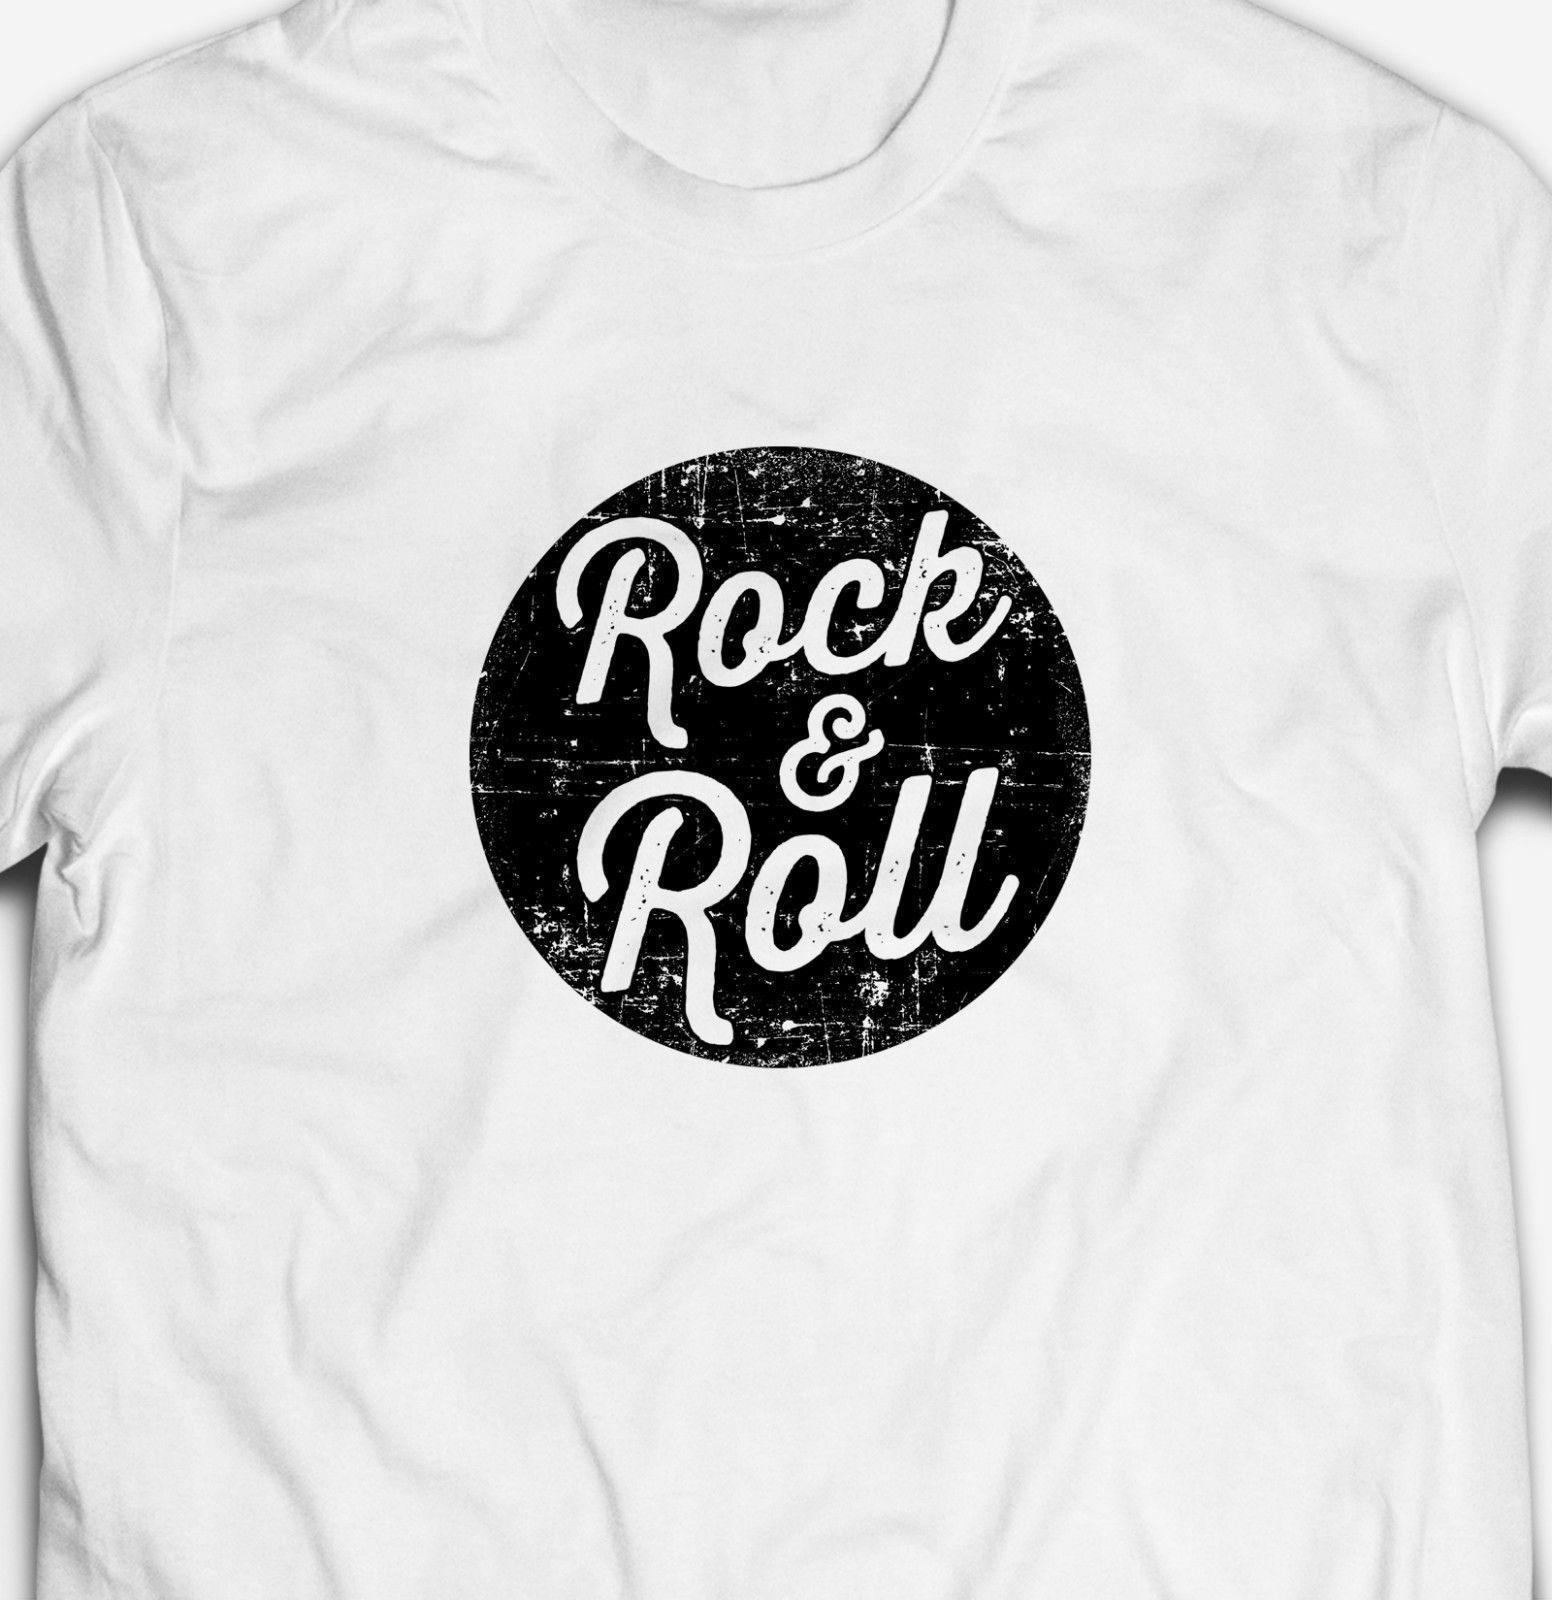 96e728f722 Compre RETRO ROCHA E ROLO GRUNGE SINAL DE MÚSICA Mens Fit 100% Algodão T  Shirt T Shirt Engraçado Frete Grátis T Casual De Fatcuckoo